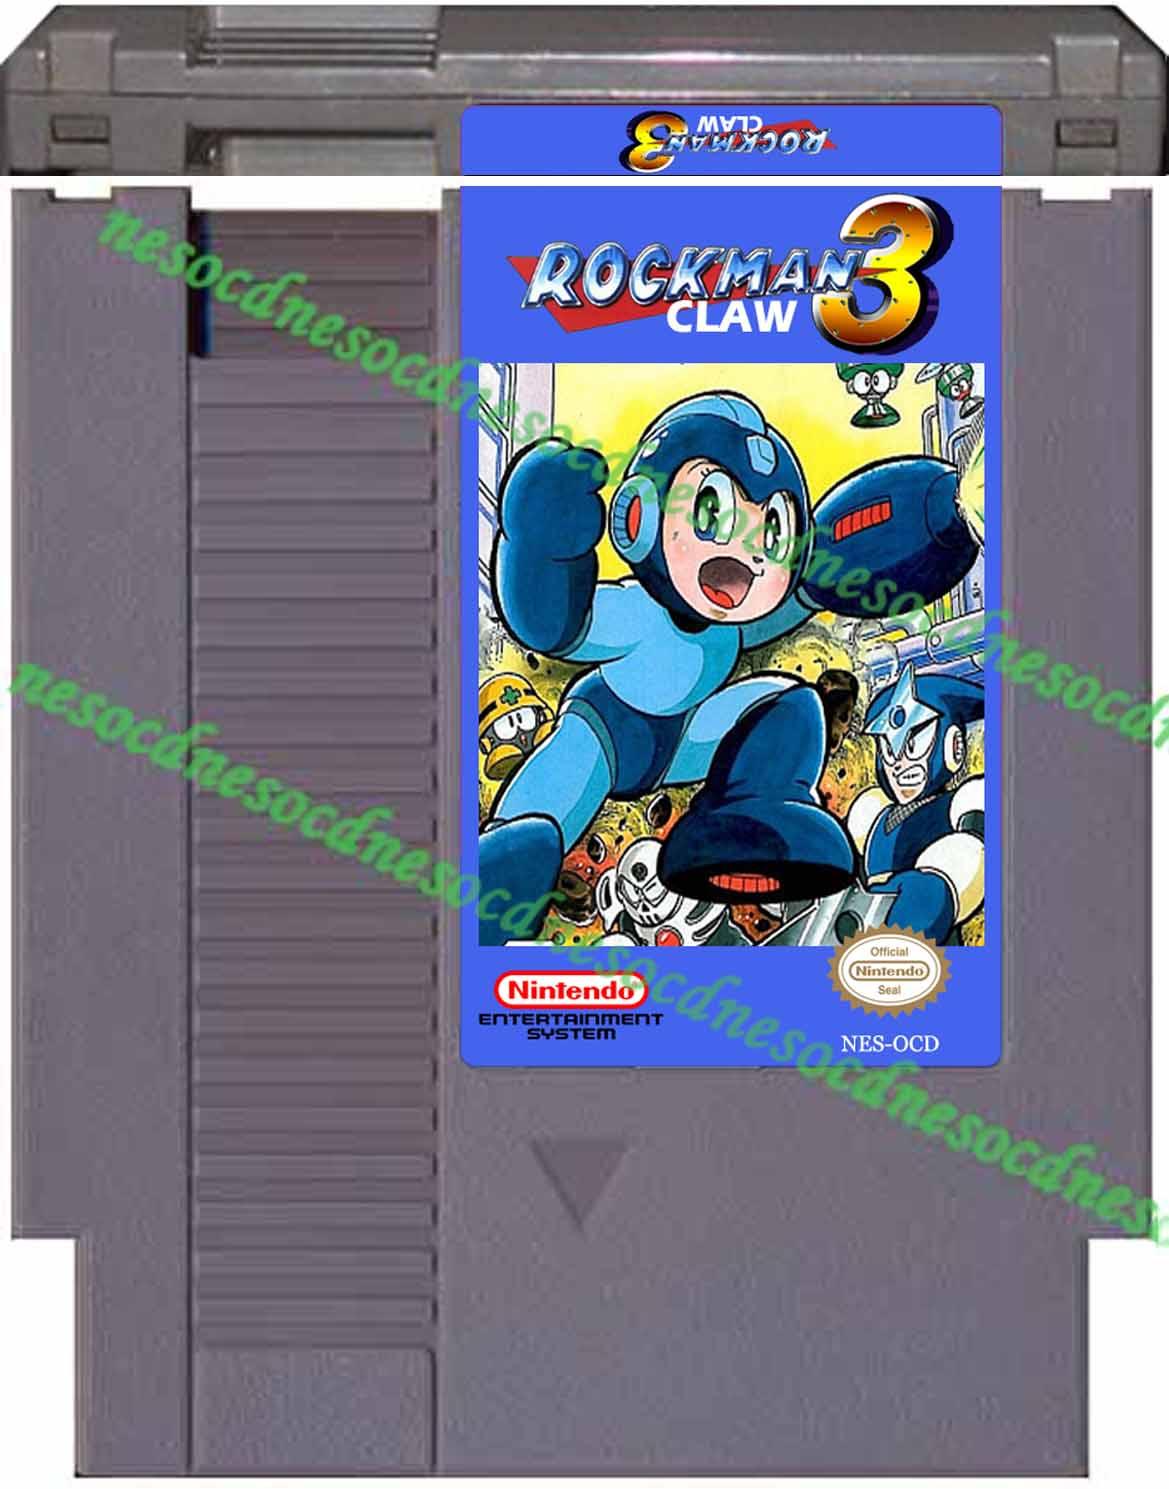 Rockman 3 Claw